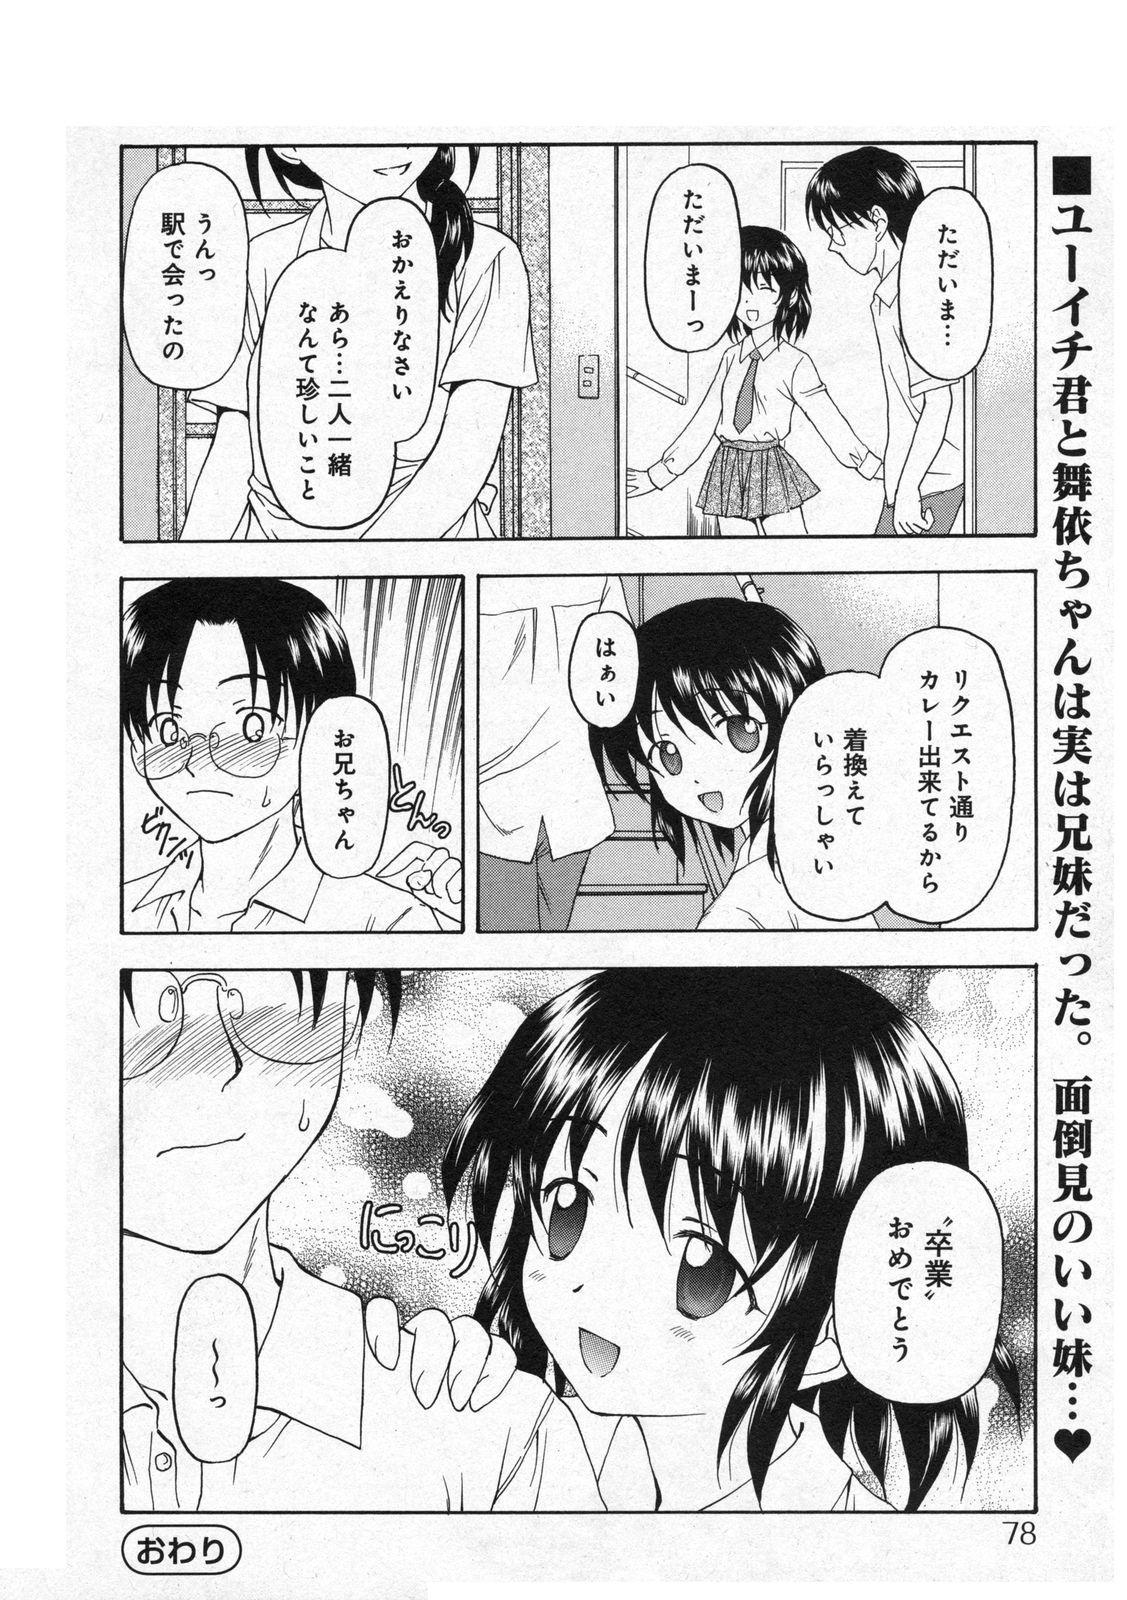 COMIC Moemax Jr. Vol.01 2009-08 75